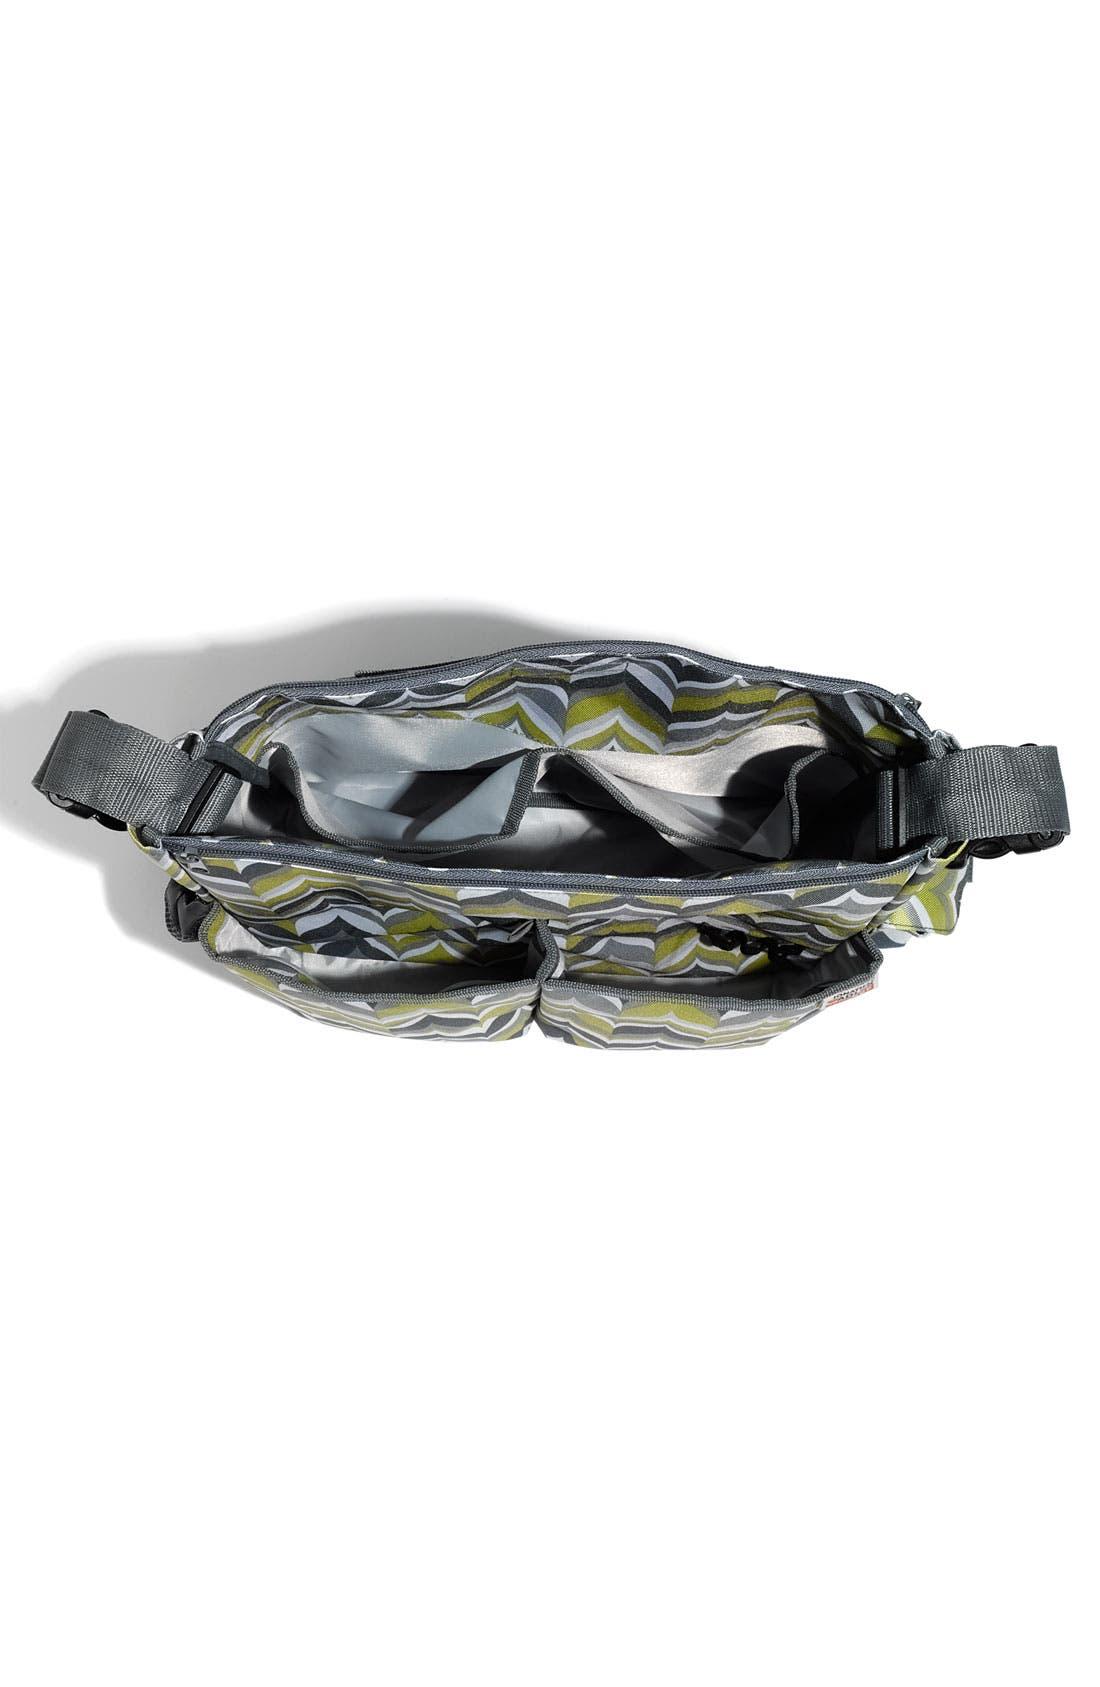 Alternate Image 3  - Skip Hop 'Duo - Jonathan Adler' Diaper Bag